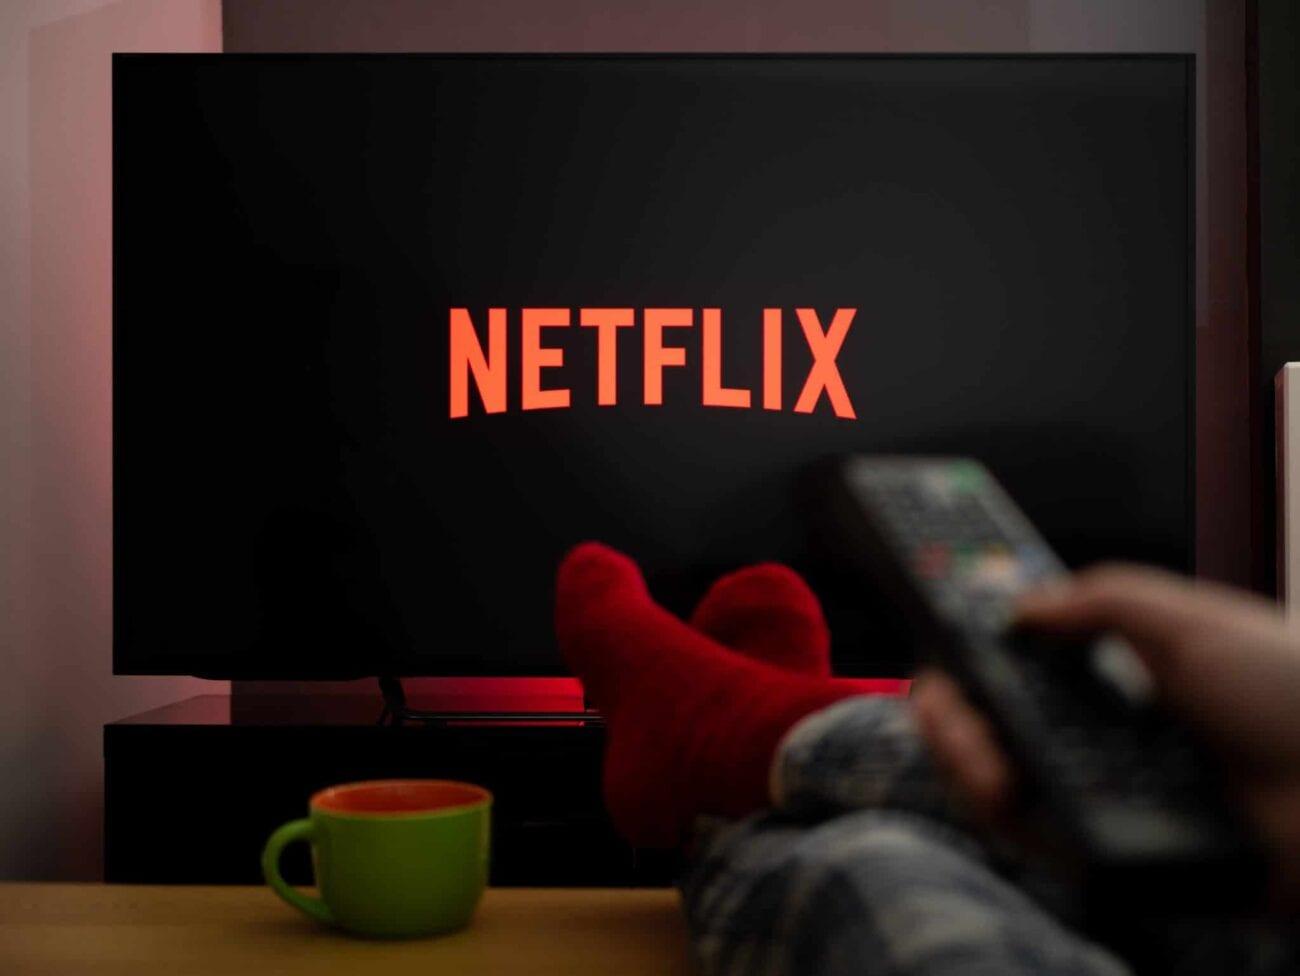 ¿Ya viste todo el catálogo de Netflix? Checa los estrenos que llegarán en febrero a la plataforma.